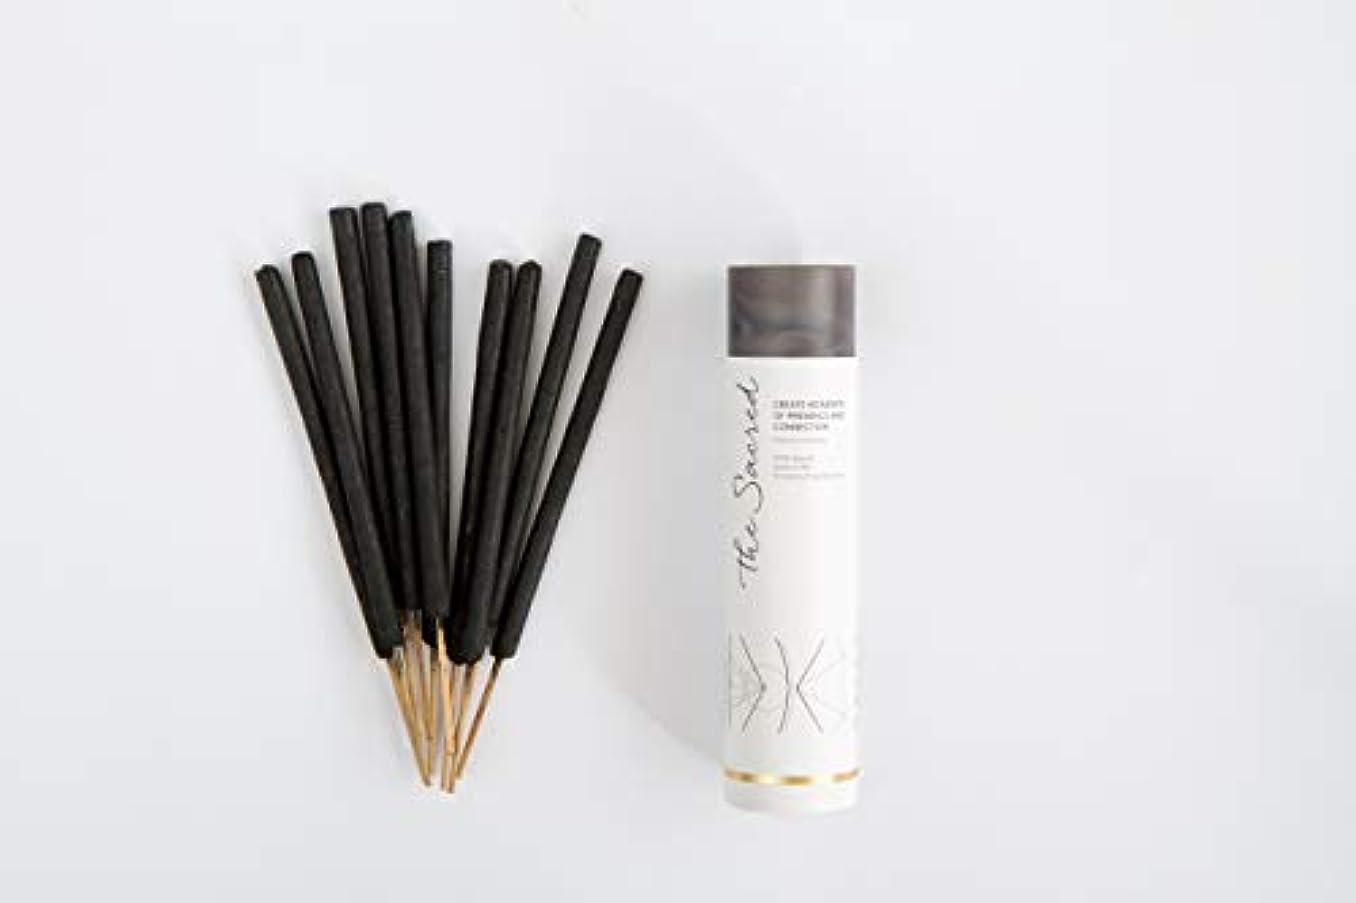 鋭く中世の練るThe SacredバリIncense – 10プレミアムLong Burn ' Fat ' Sticks。100 % Organic & Natural Ingredients。